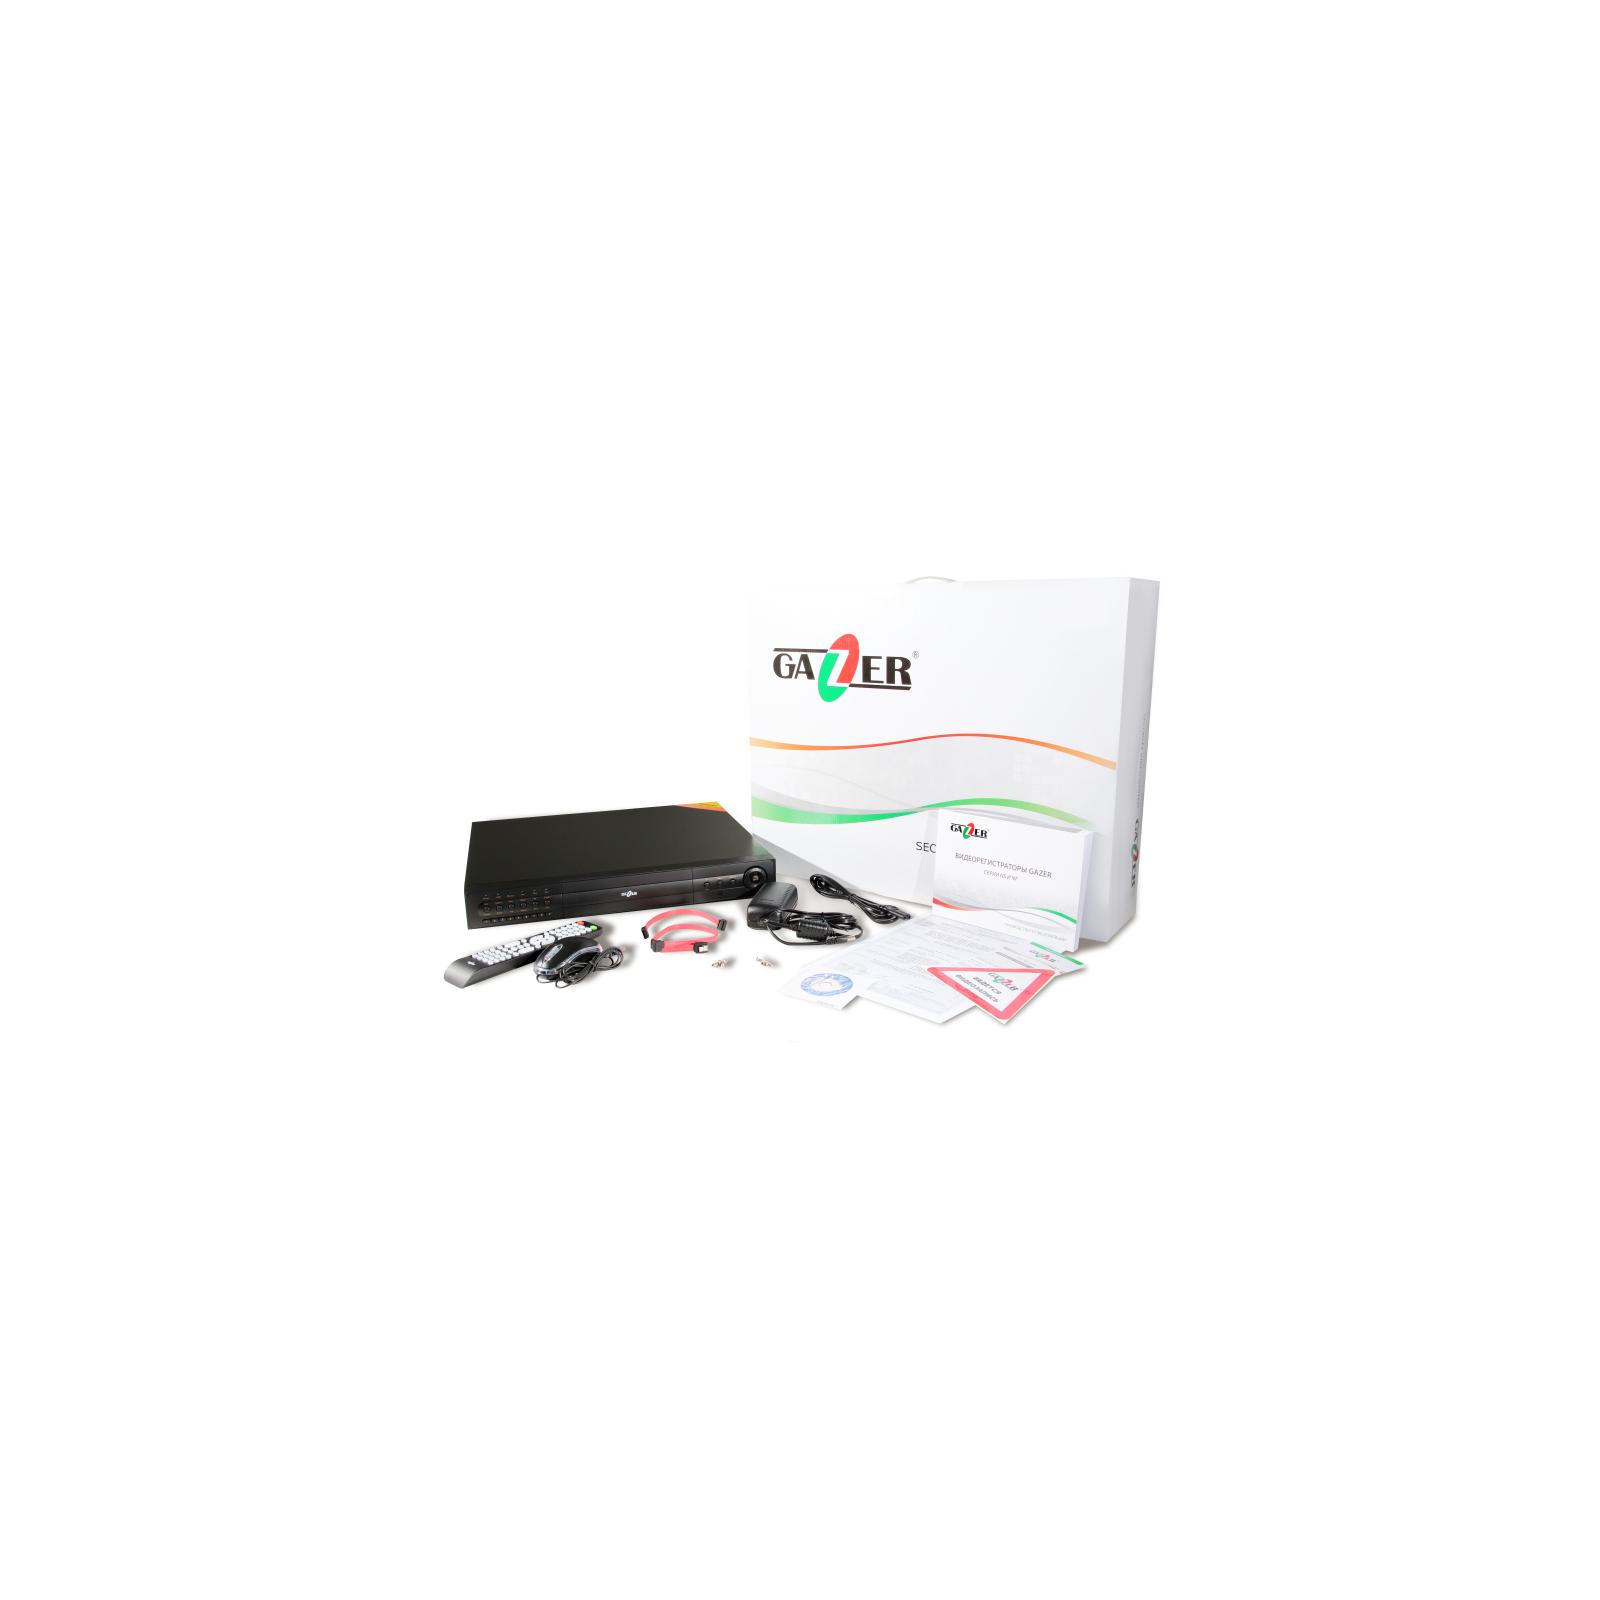 Регистратор для видеонаблюдения Gazer NF308me изображение 8